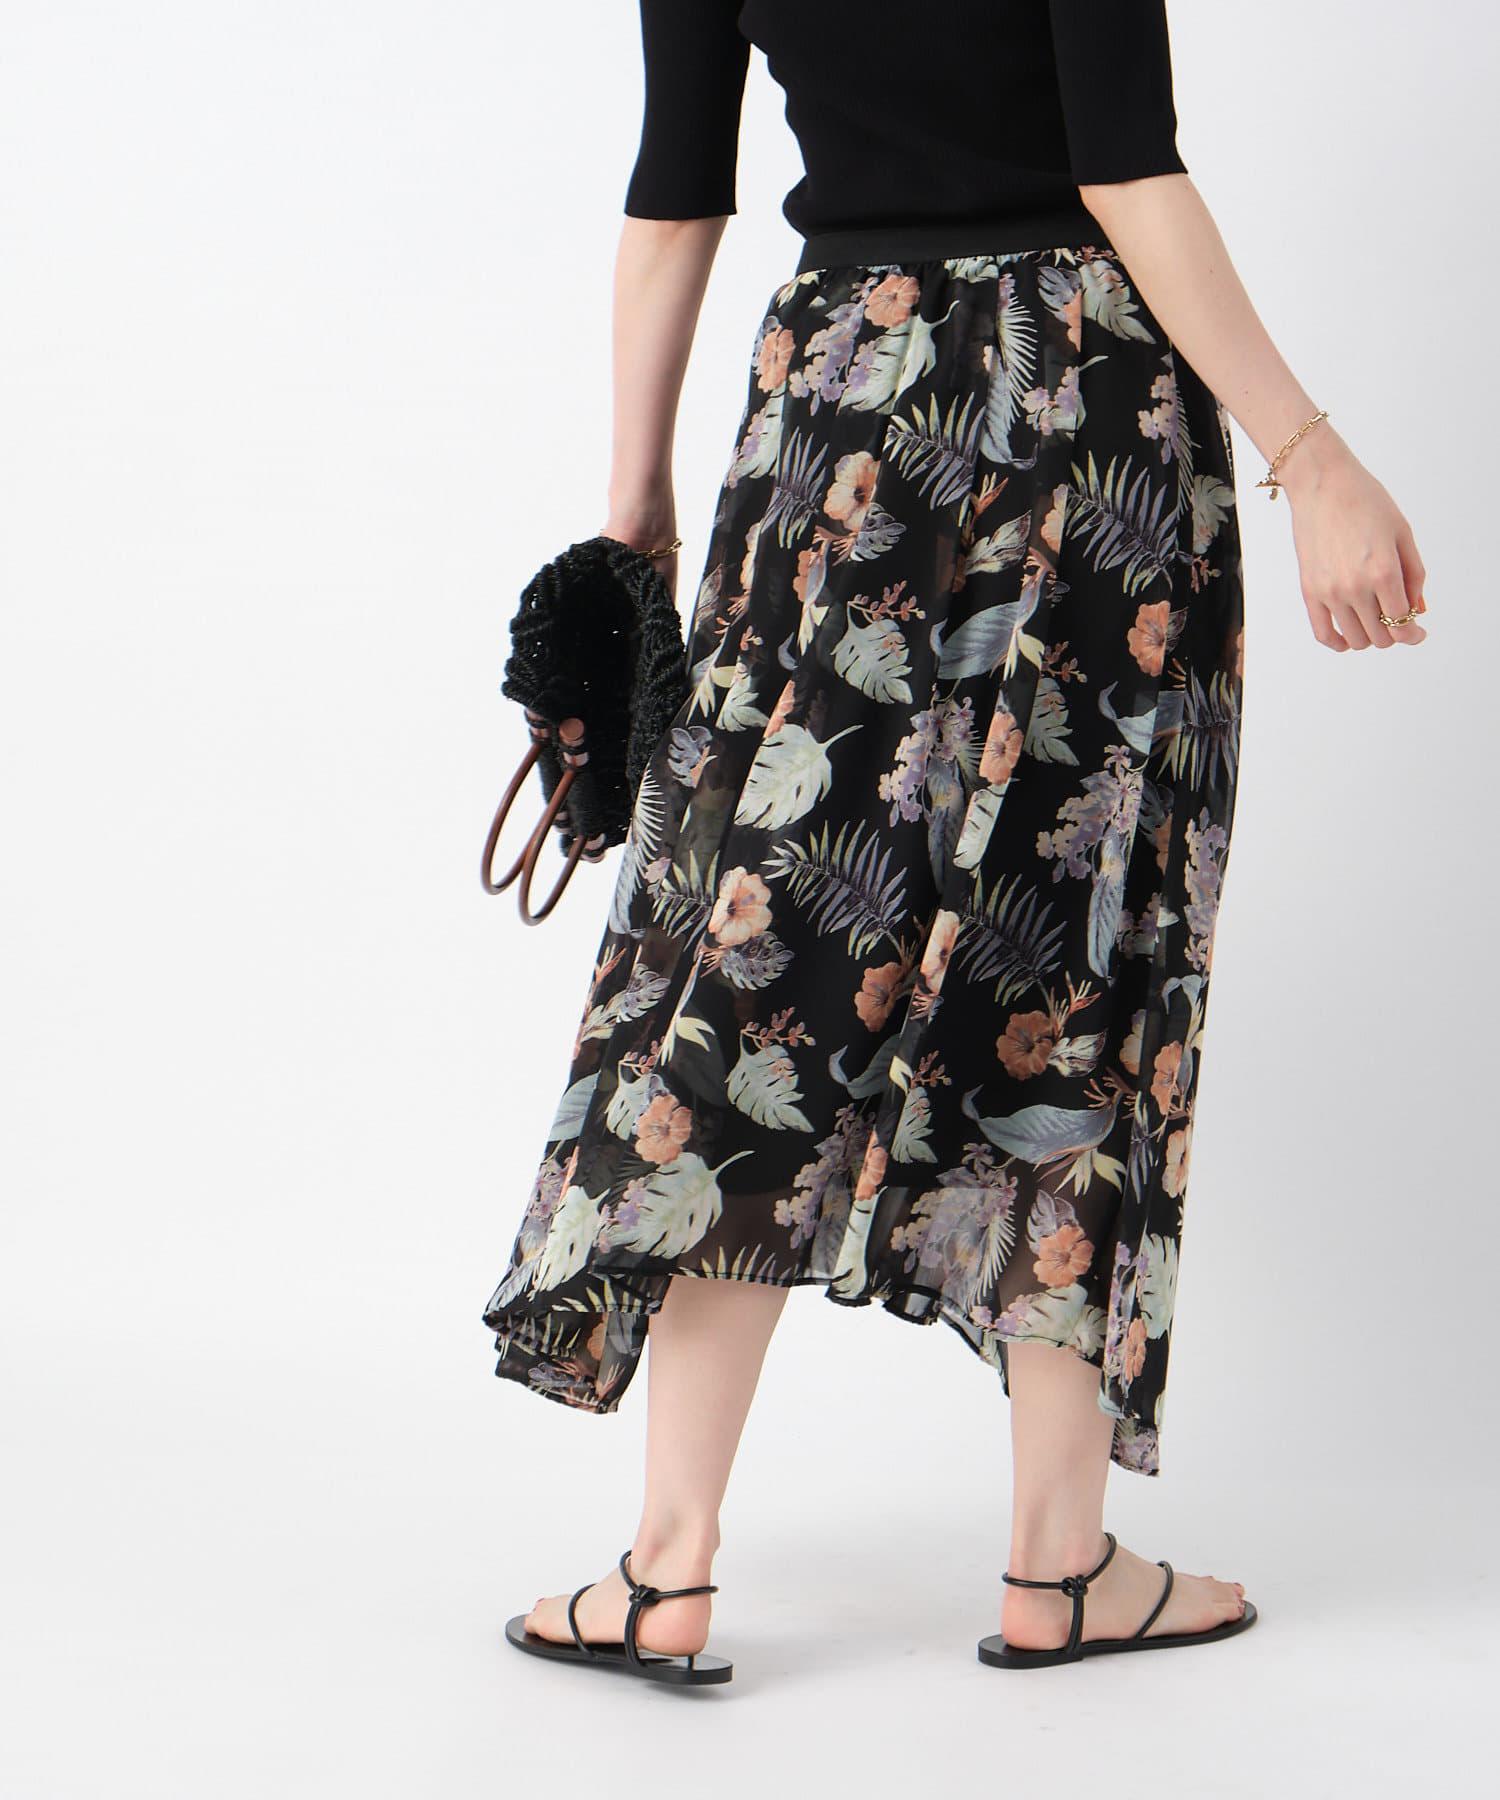 RIVE DROITE(リヴドロワ) 【スタイリングの主役になってくれる】アイランドフラワーギャザースカート